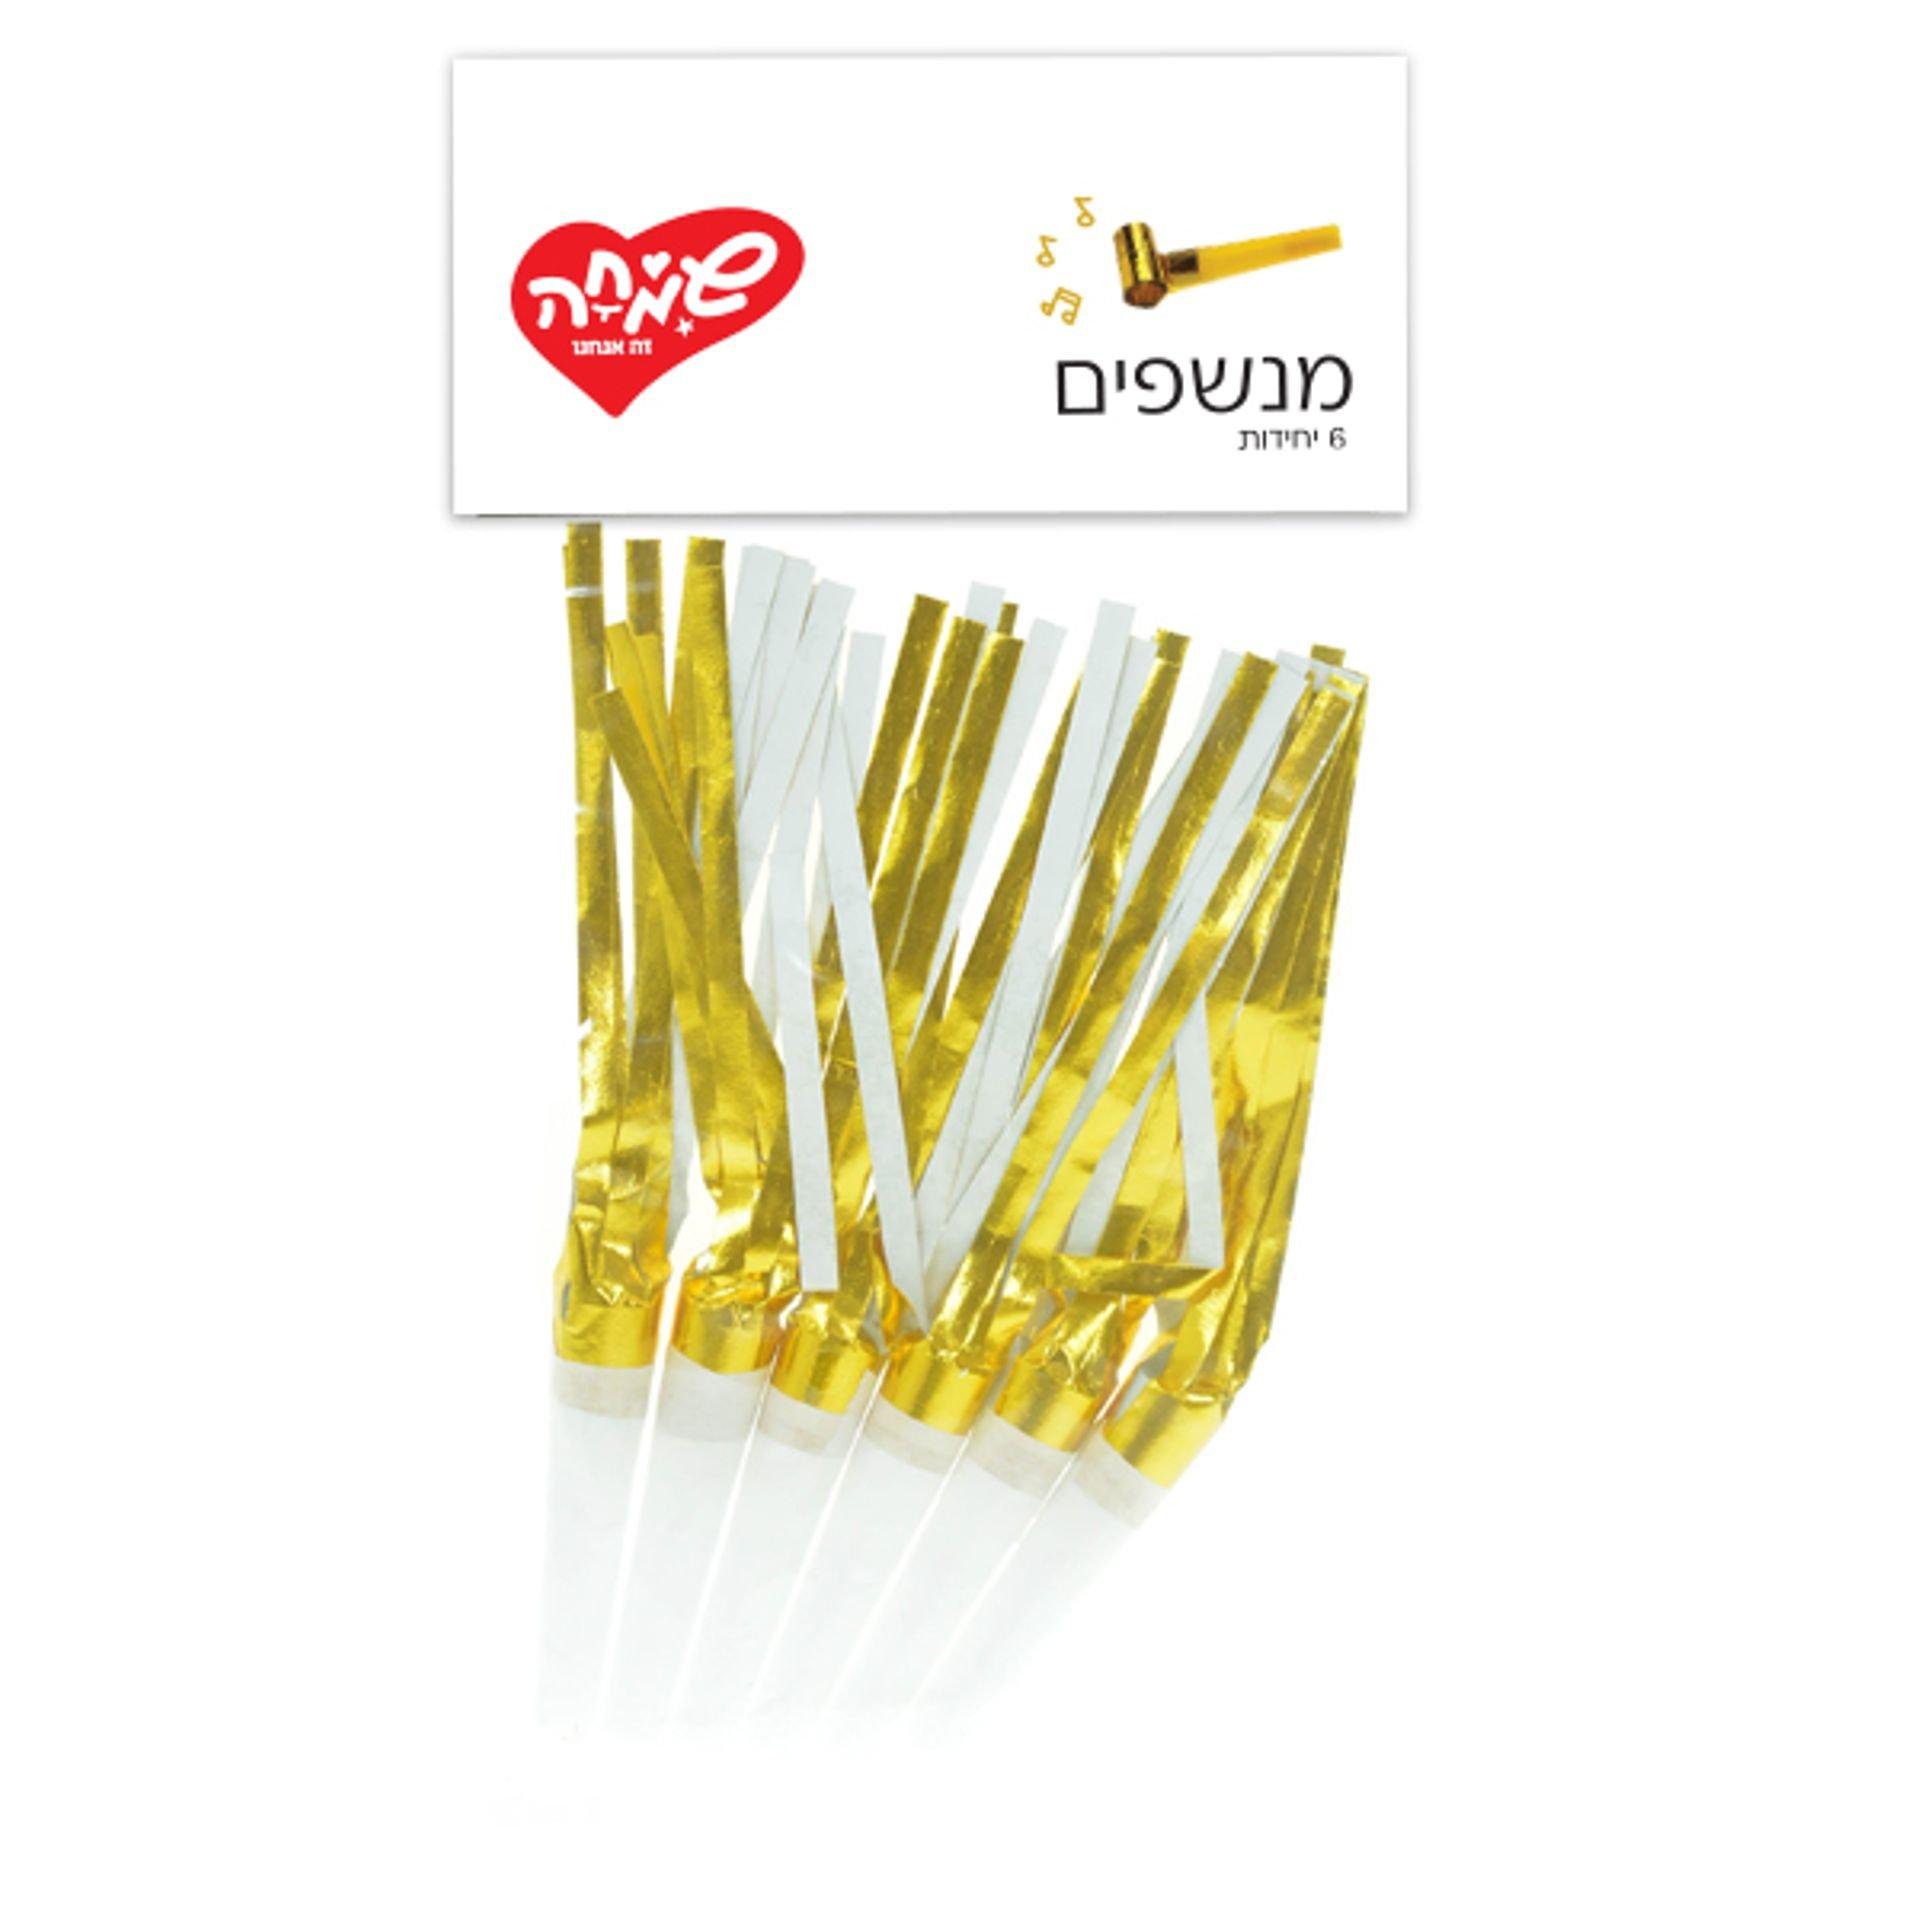 زمامير شراشيب 6 قطع ذهبي متالي